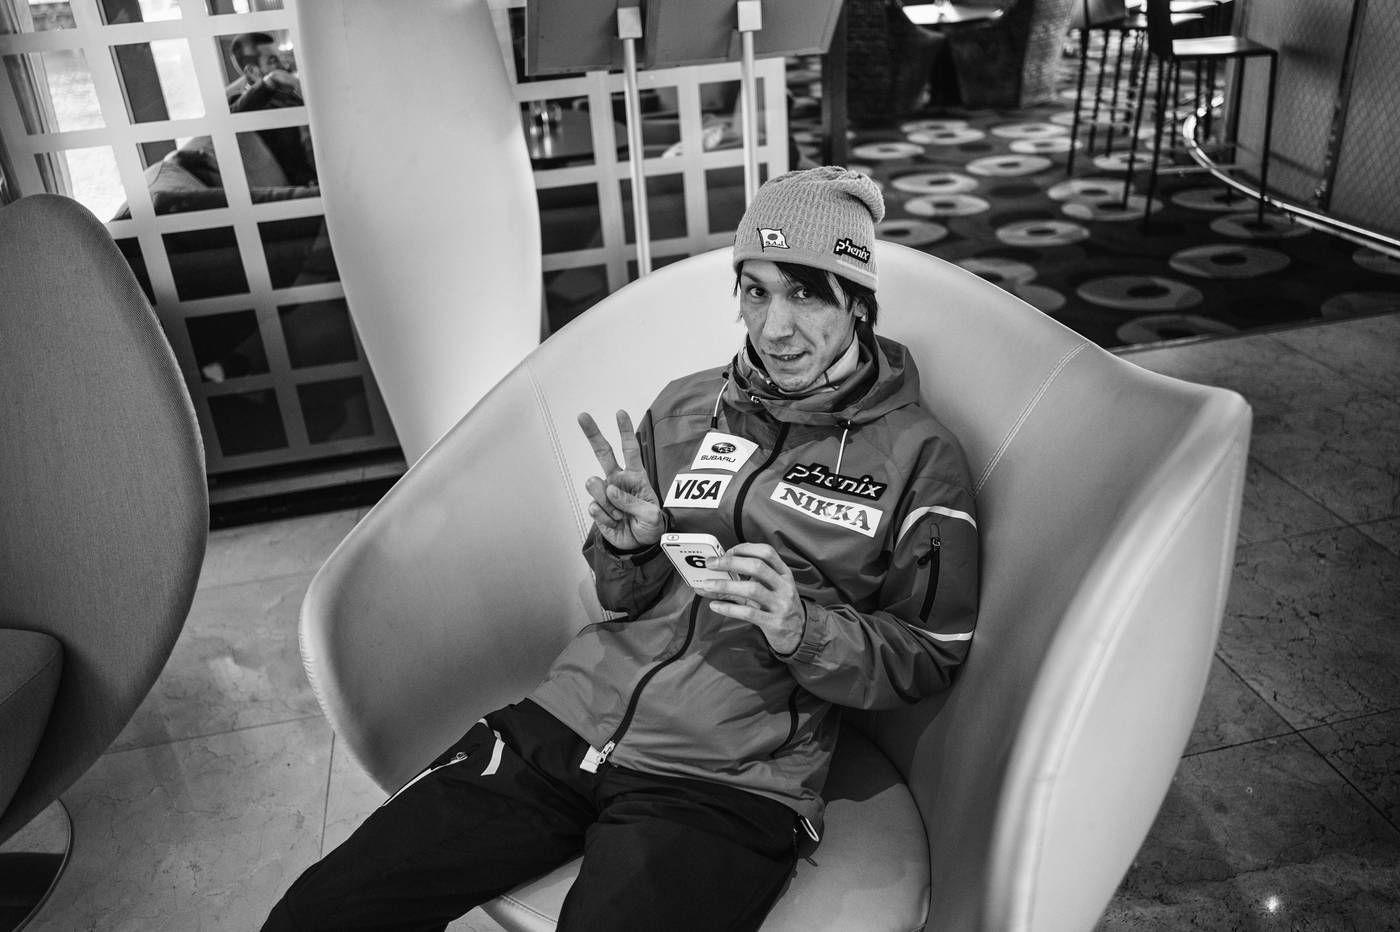 Gregor Schlierenzauer Skispringen, Skisprung, Skier